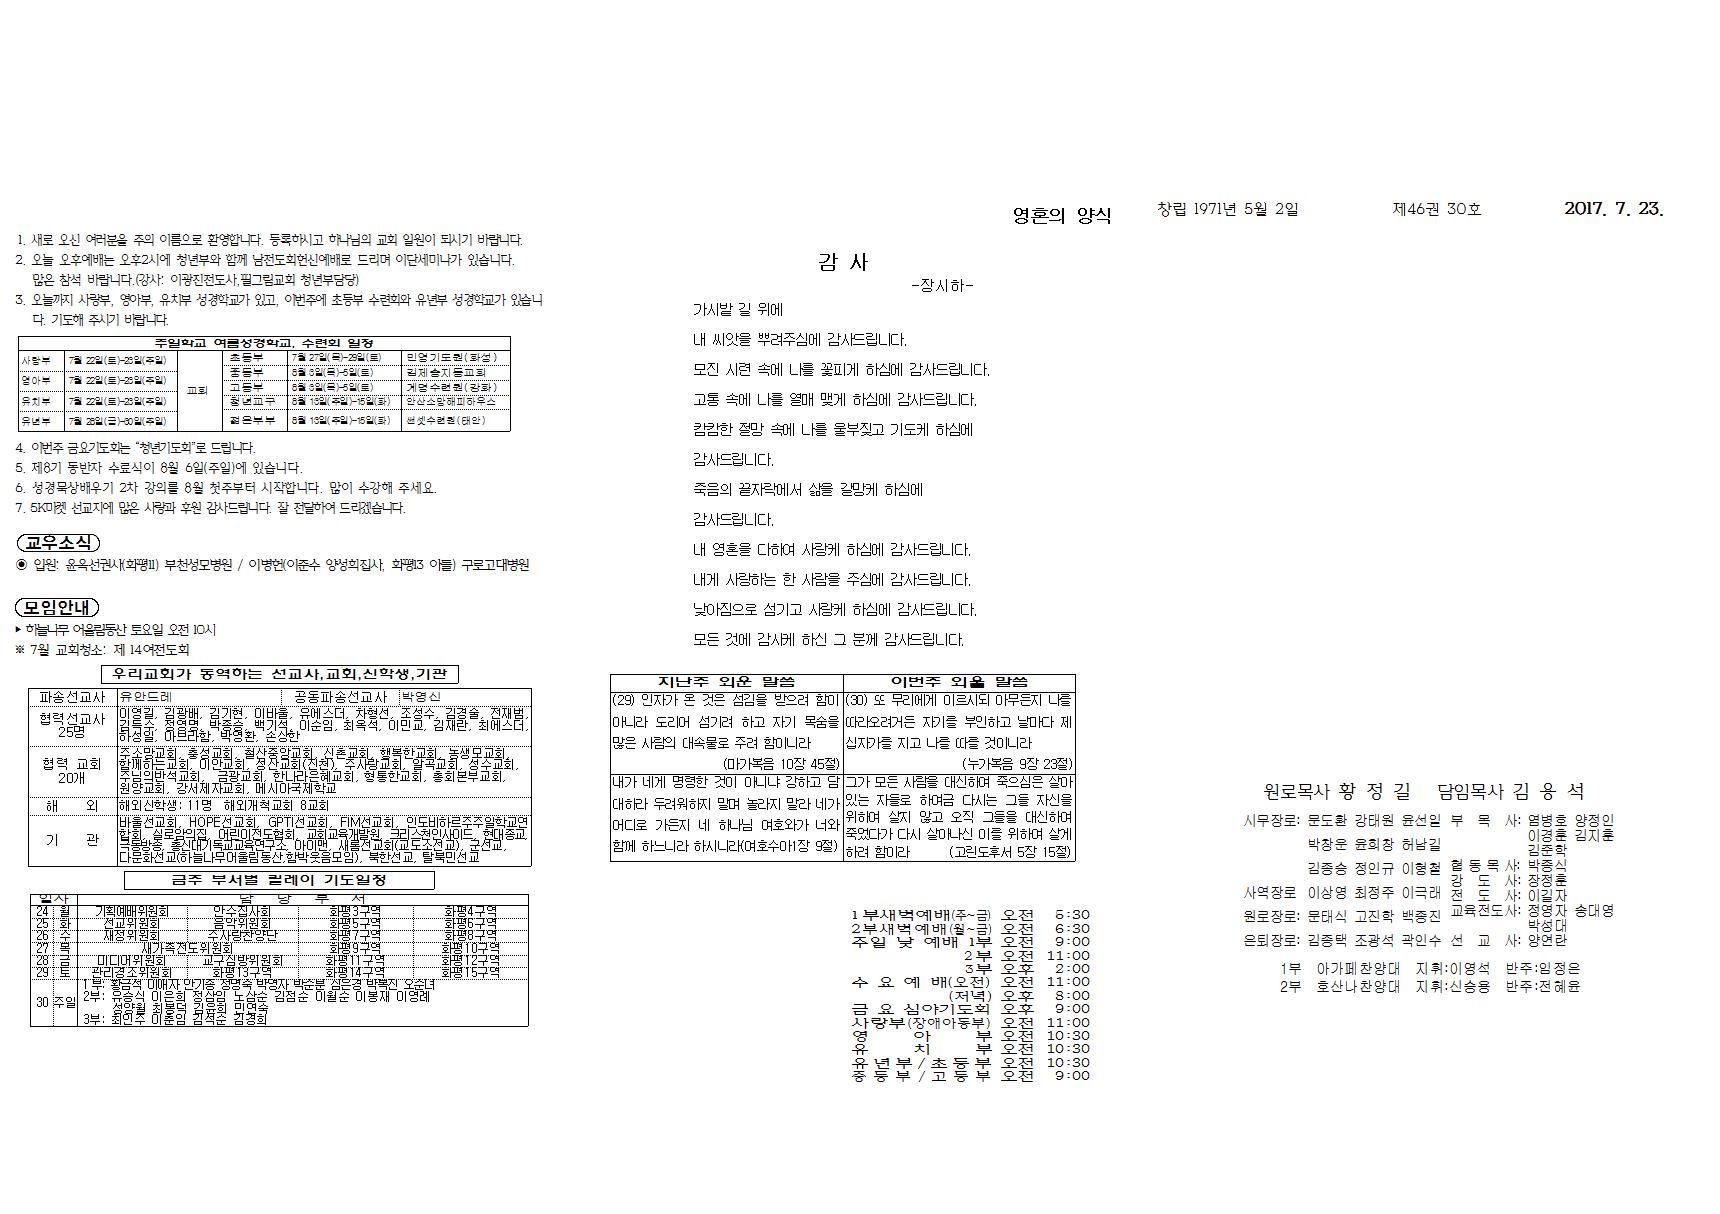 주보 제46권 30호(2017.07.23)